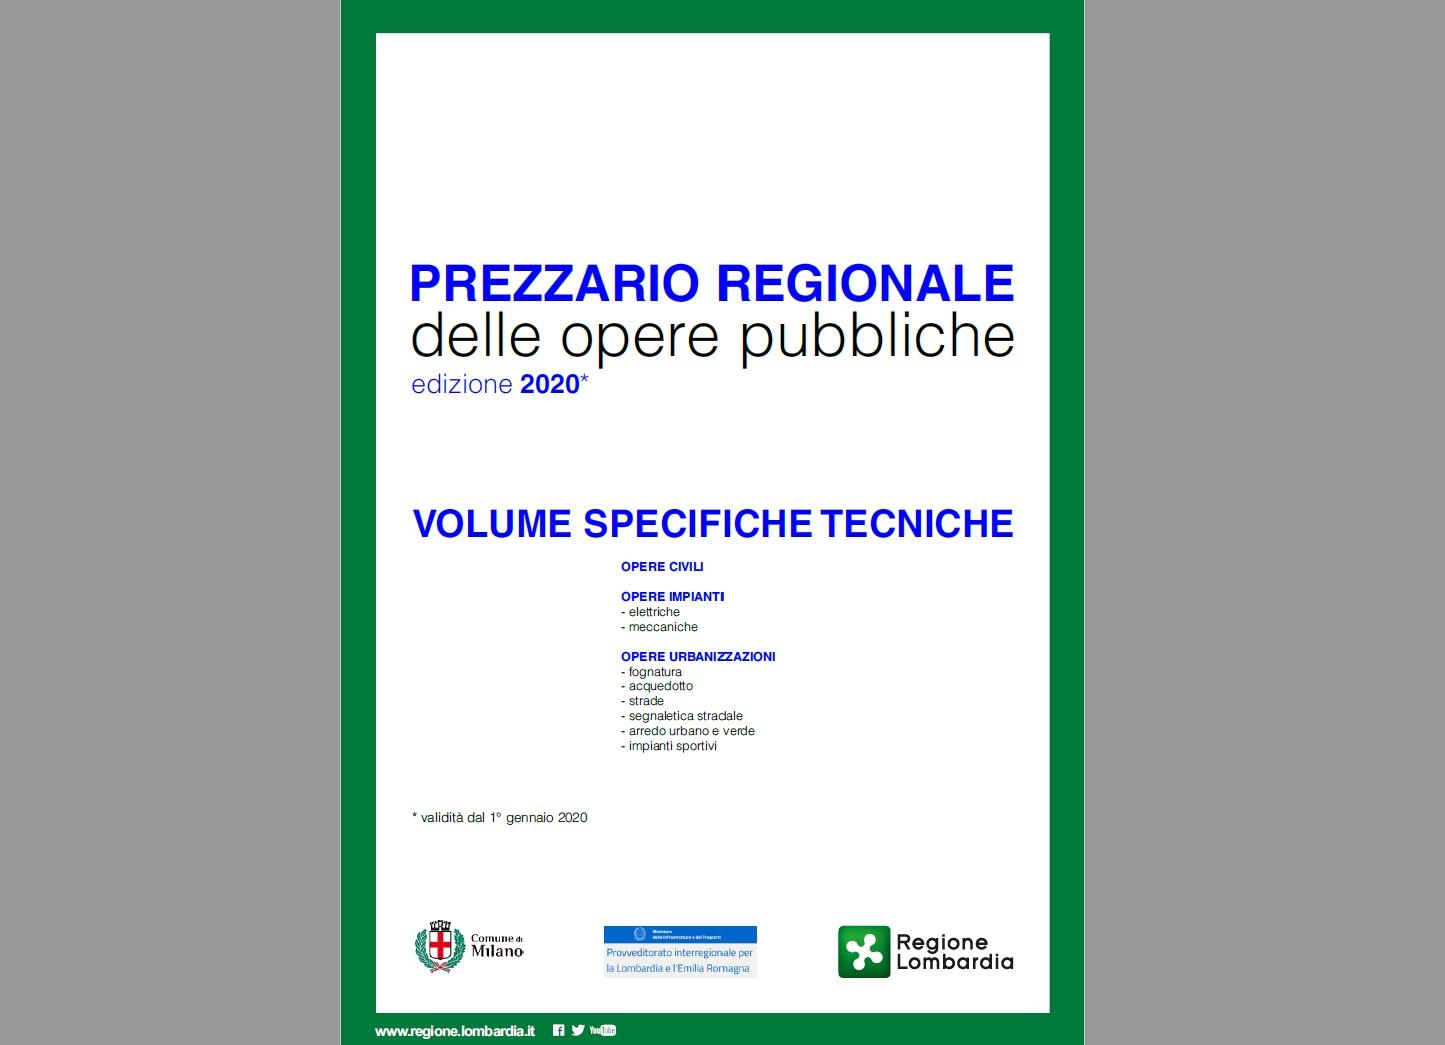 Prezzario delle Opere Pubbliche 2020 - Regione Lombardia e Comune di Milano